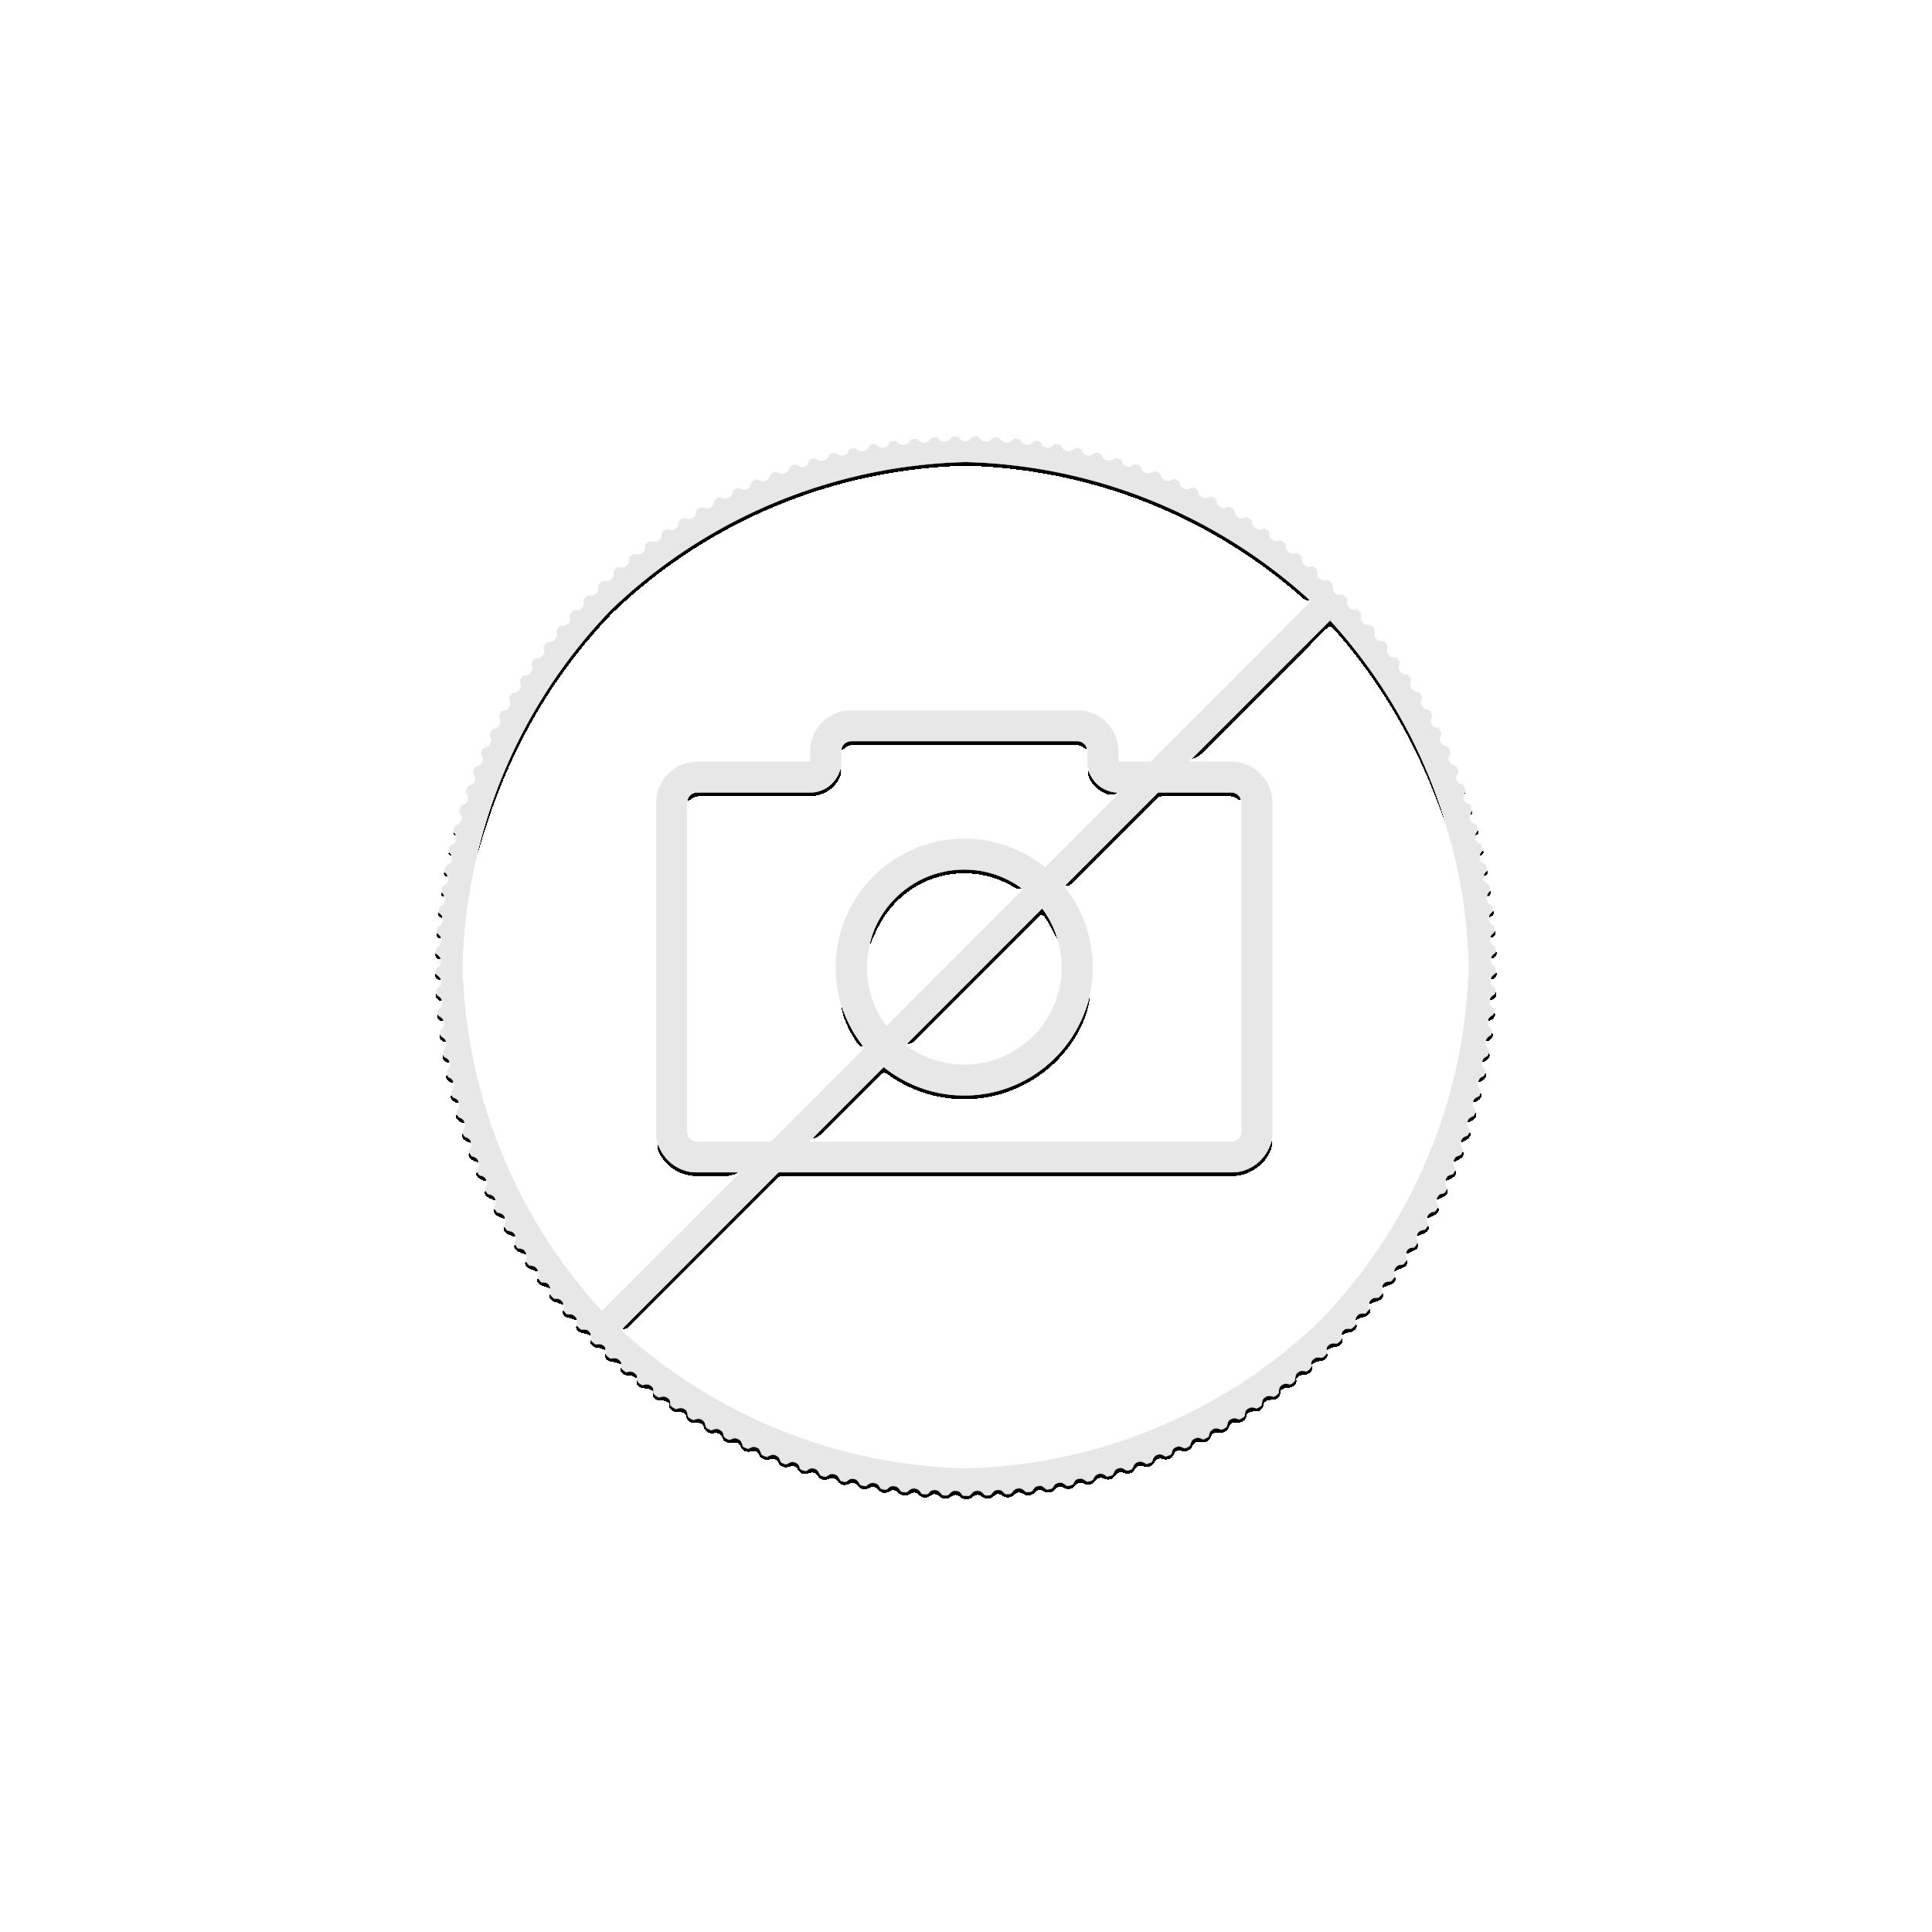 10 troy ounce zilver Lunar munt 2015 - jaar van de geit